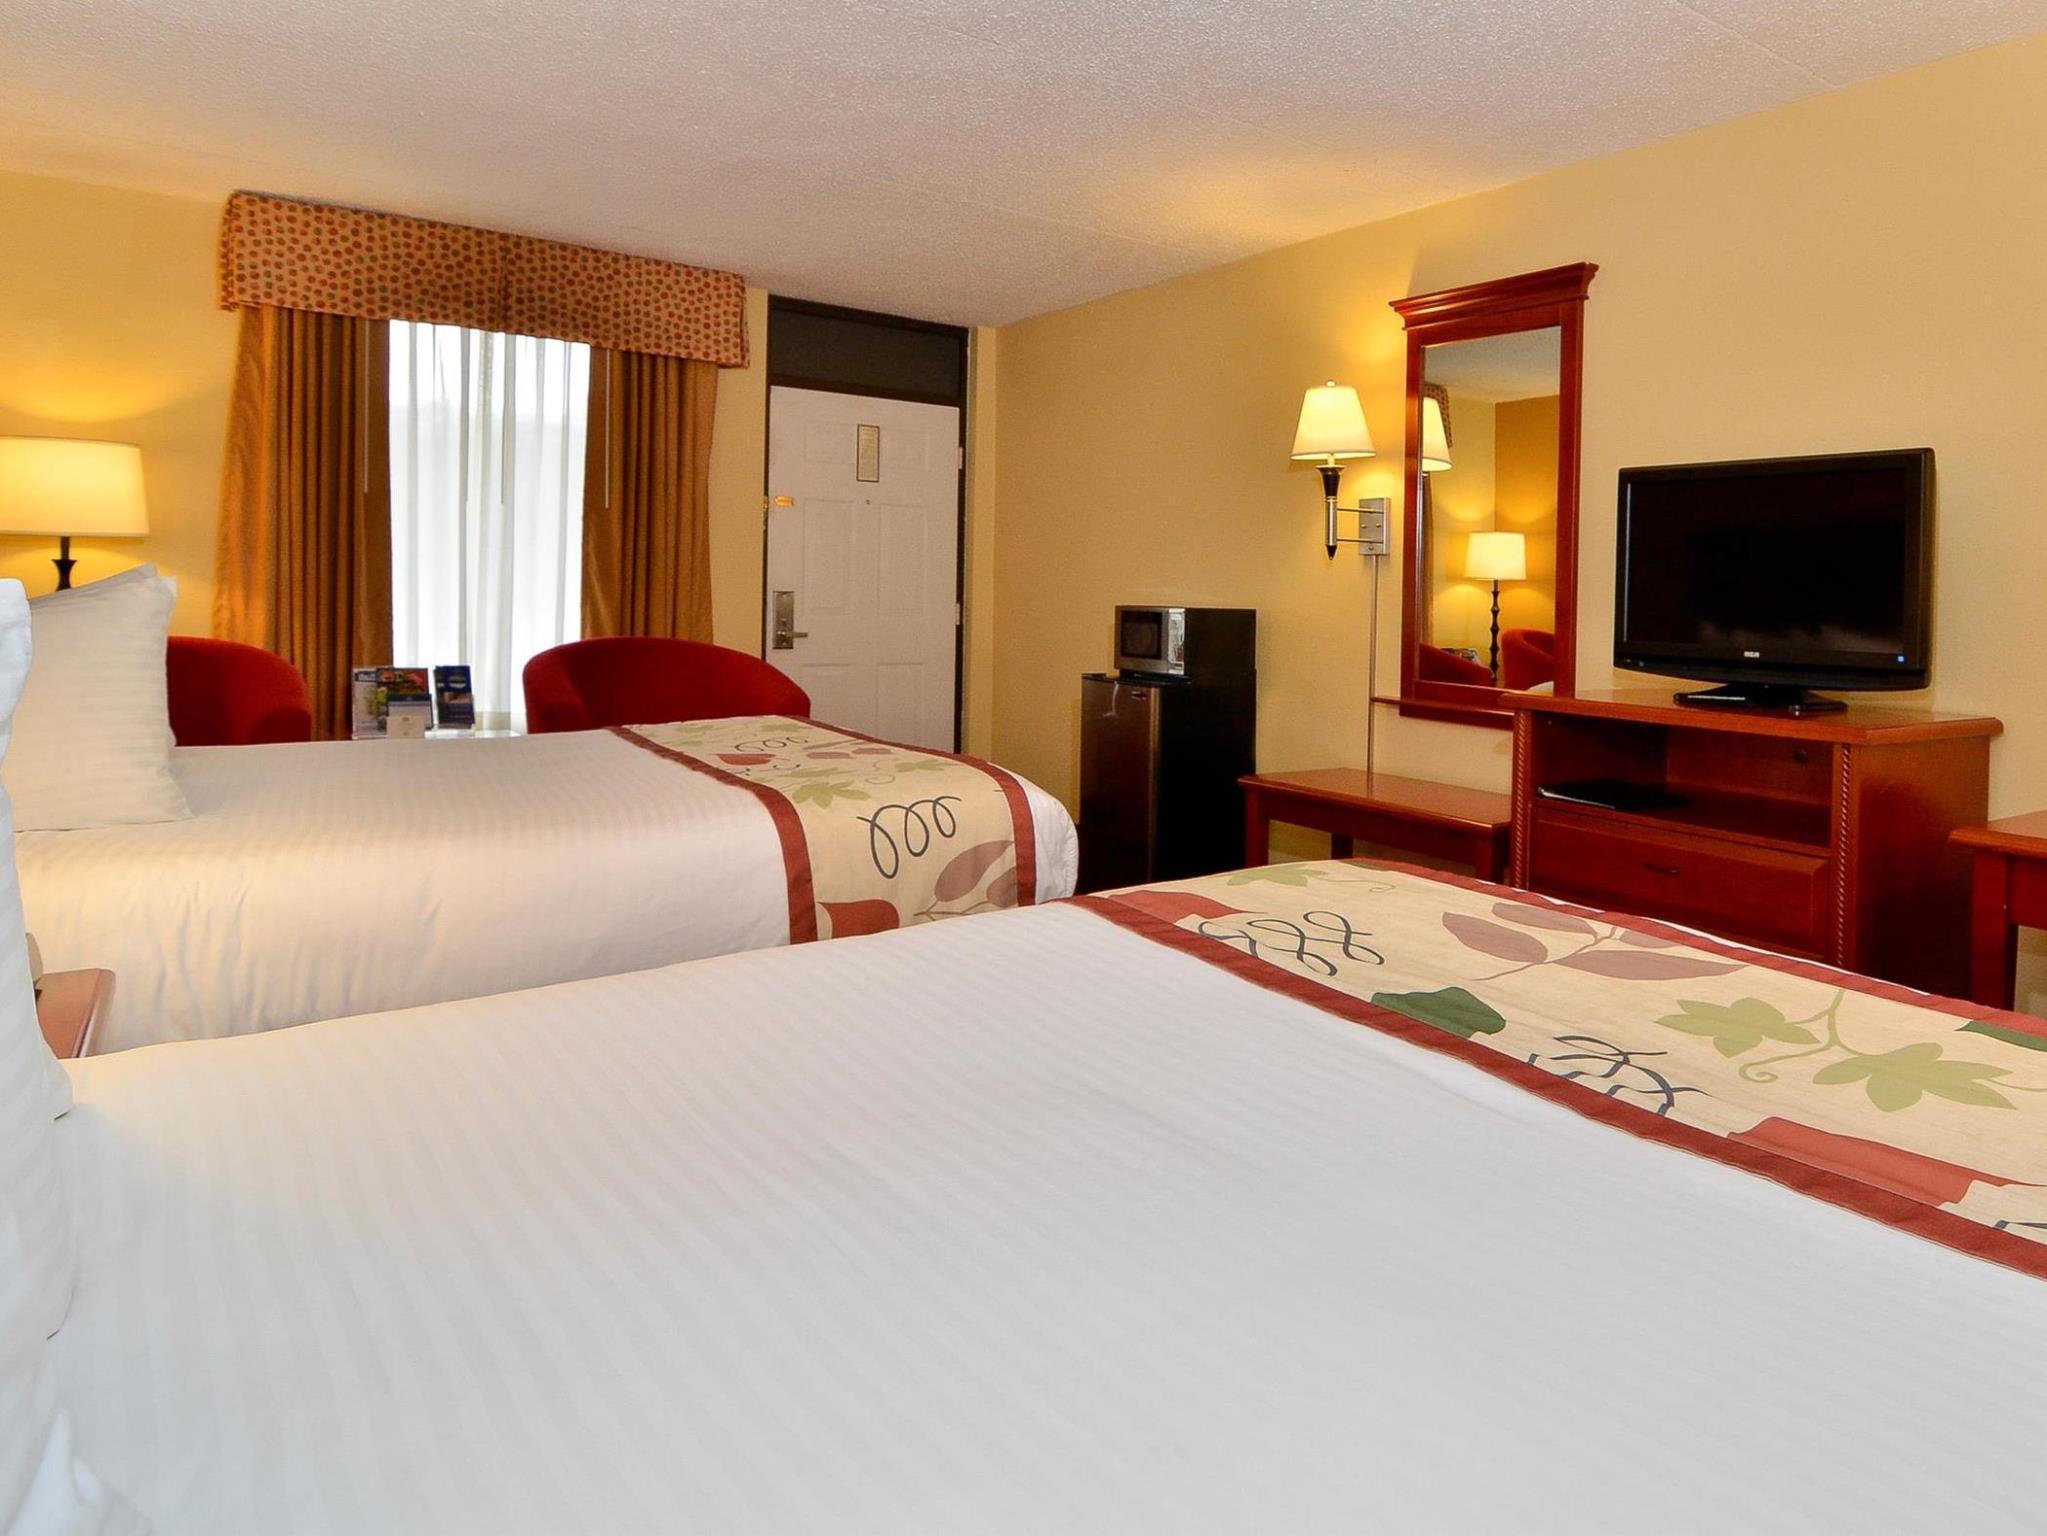 2 Double Beds Smoking Best Western Corbin Inn